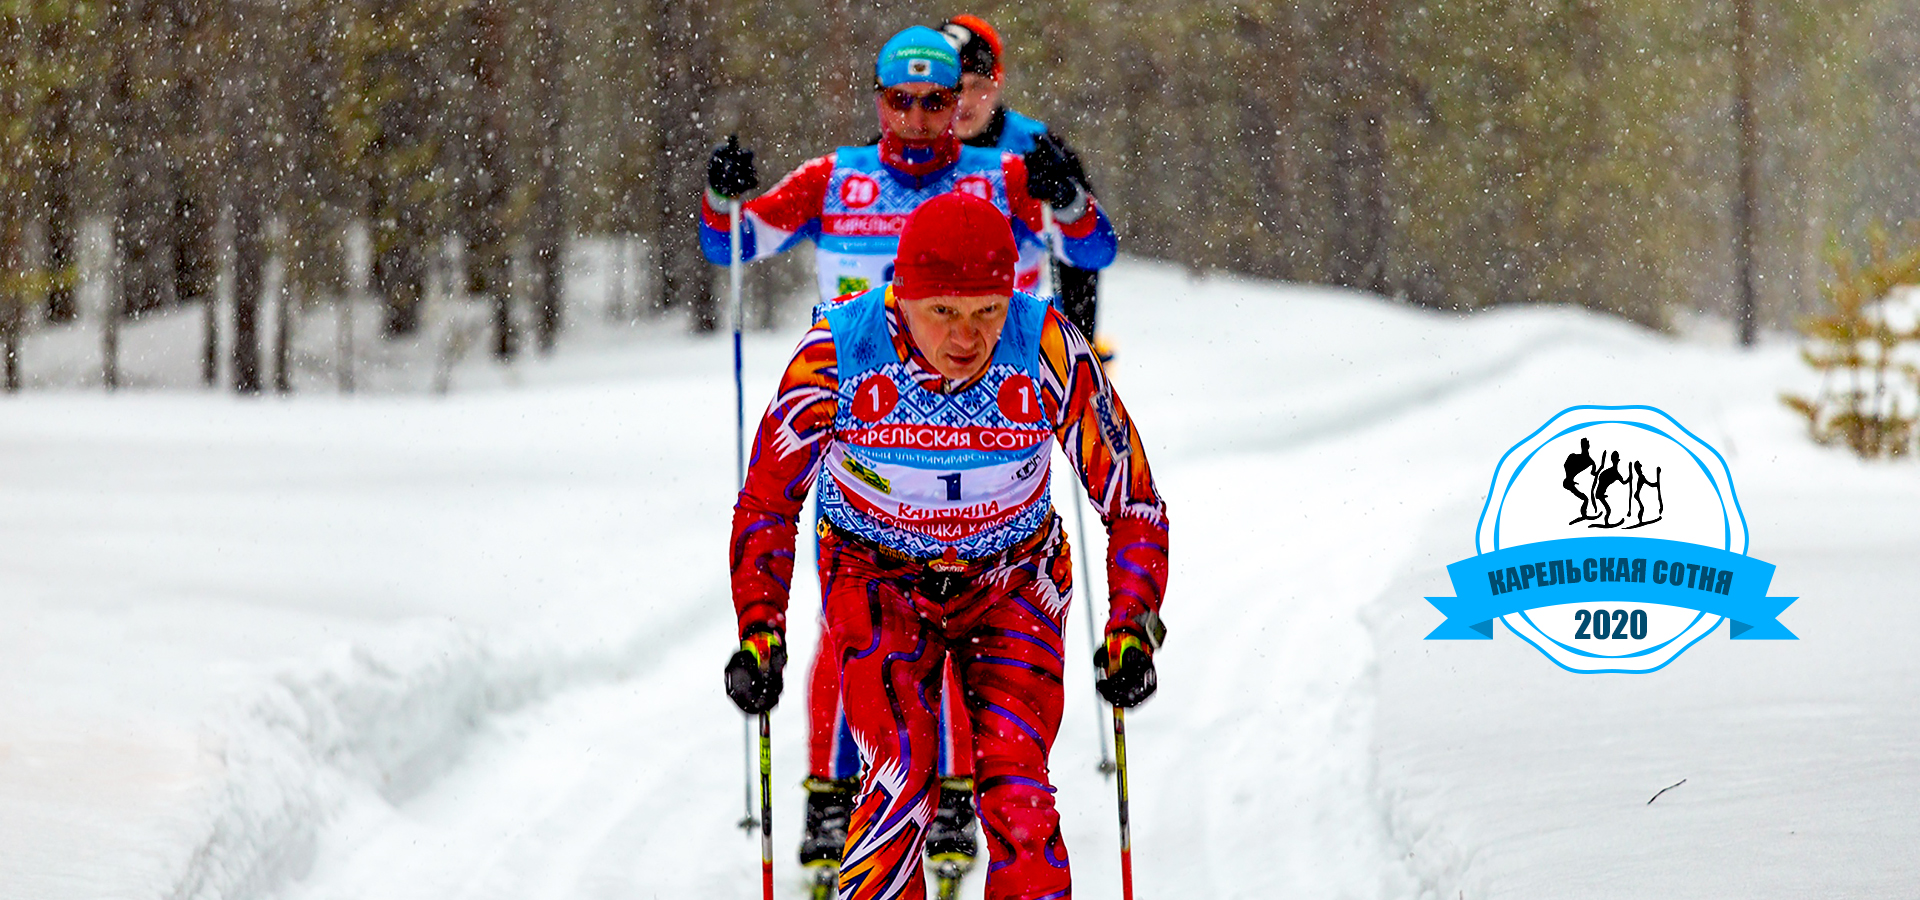 Карельская сотня 2020 - лыжная гонка в Калевале